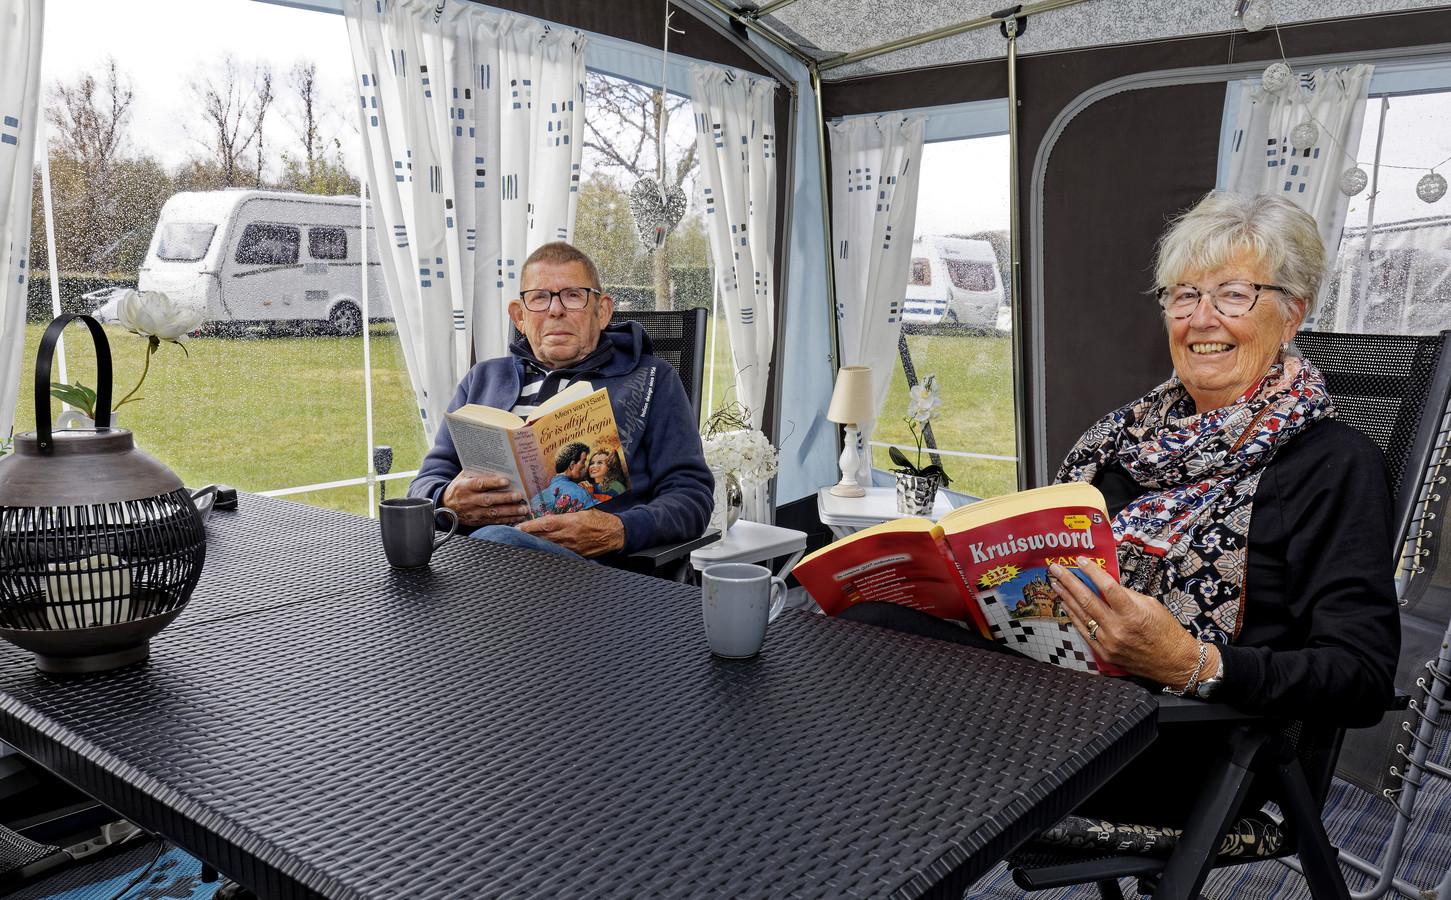 Femke en Jan de Snaijer komen al voor het vijftiende jaar naar Biezenmortel.